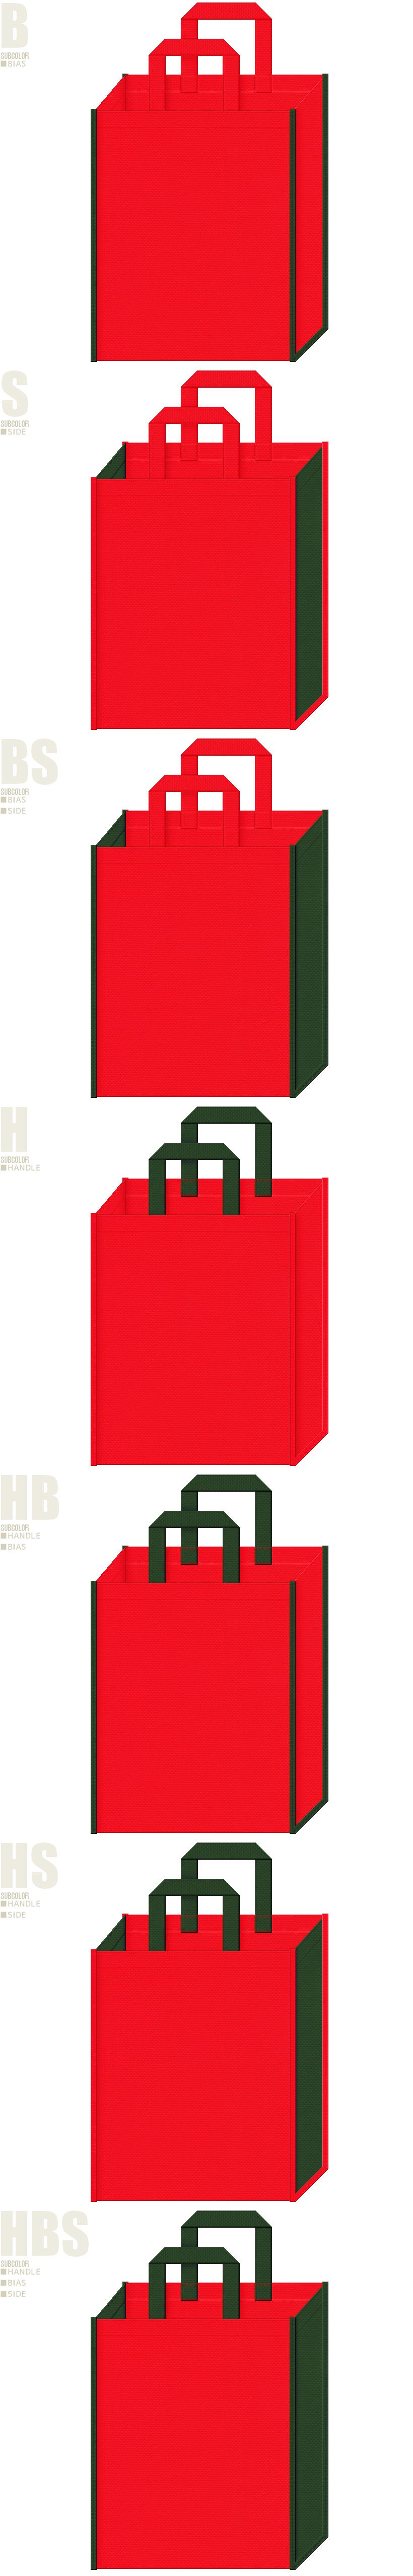 クリスマス・スイカ・イチゴ・トマトの販促ノベルティにお奨めの不織布バッグデザイン:赤色と濃緑色の配色7パターン